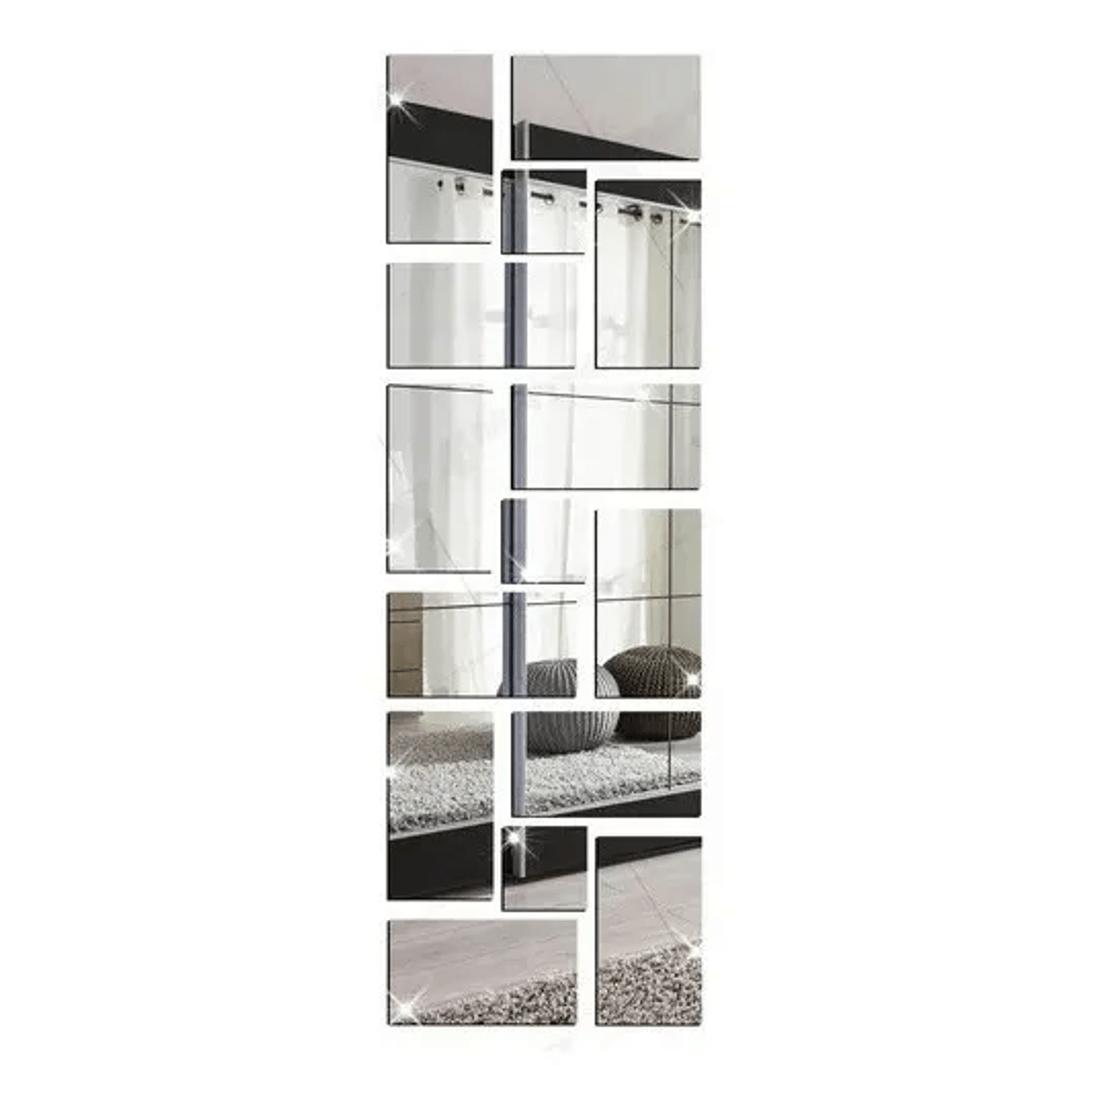 Kit-15-Espelho-Liso-Retangular-e-Quadrado-Decorativo-Com-Fita-Dupla-Face